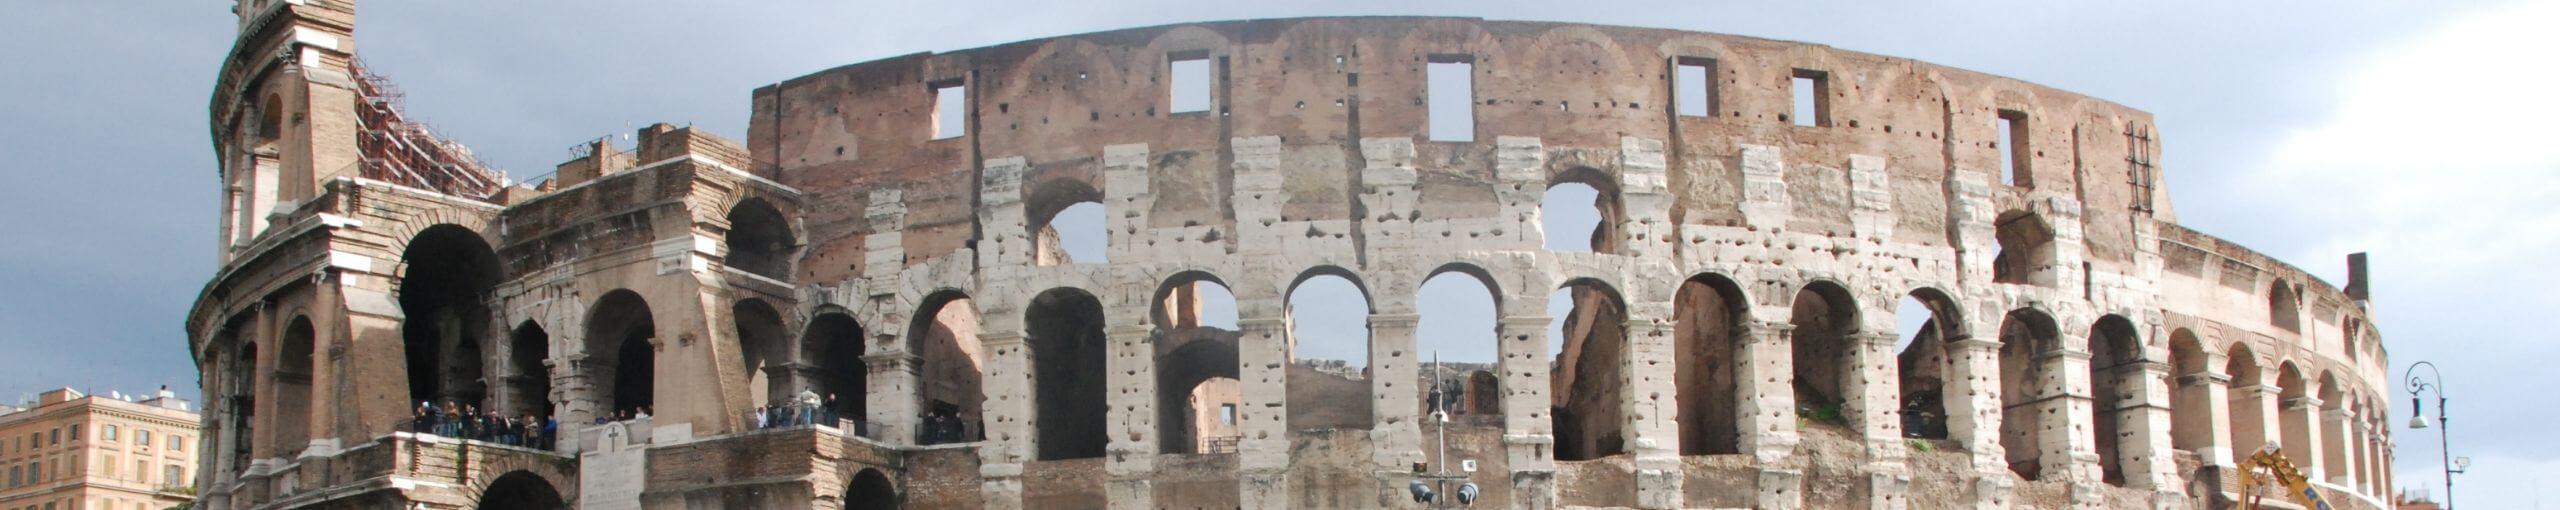 Roma Capital del Imperio. Lacio, Italia.